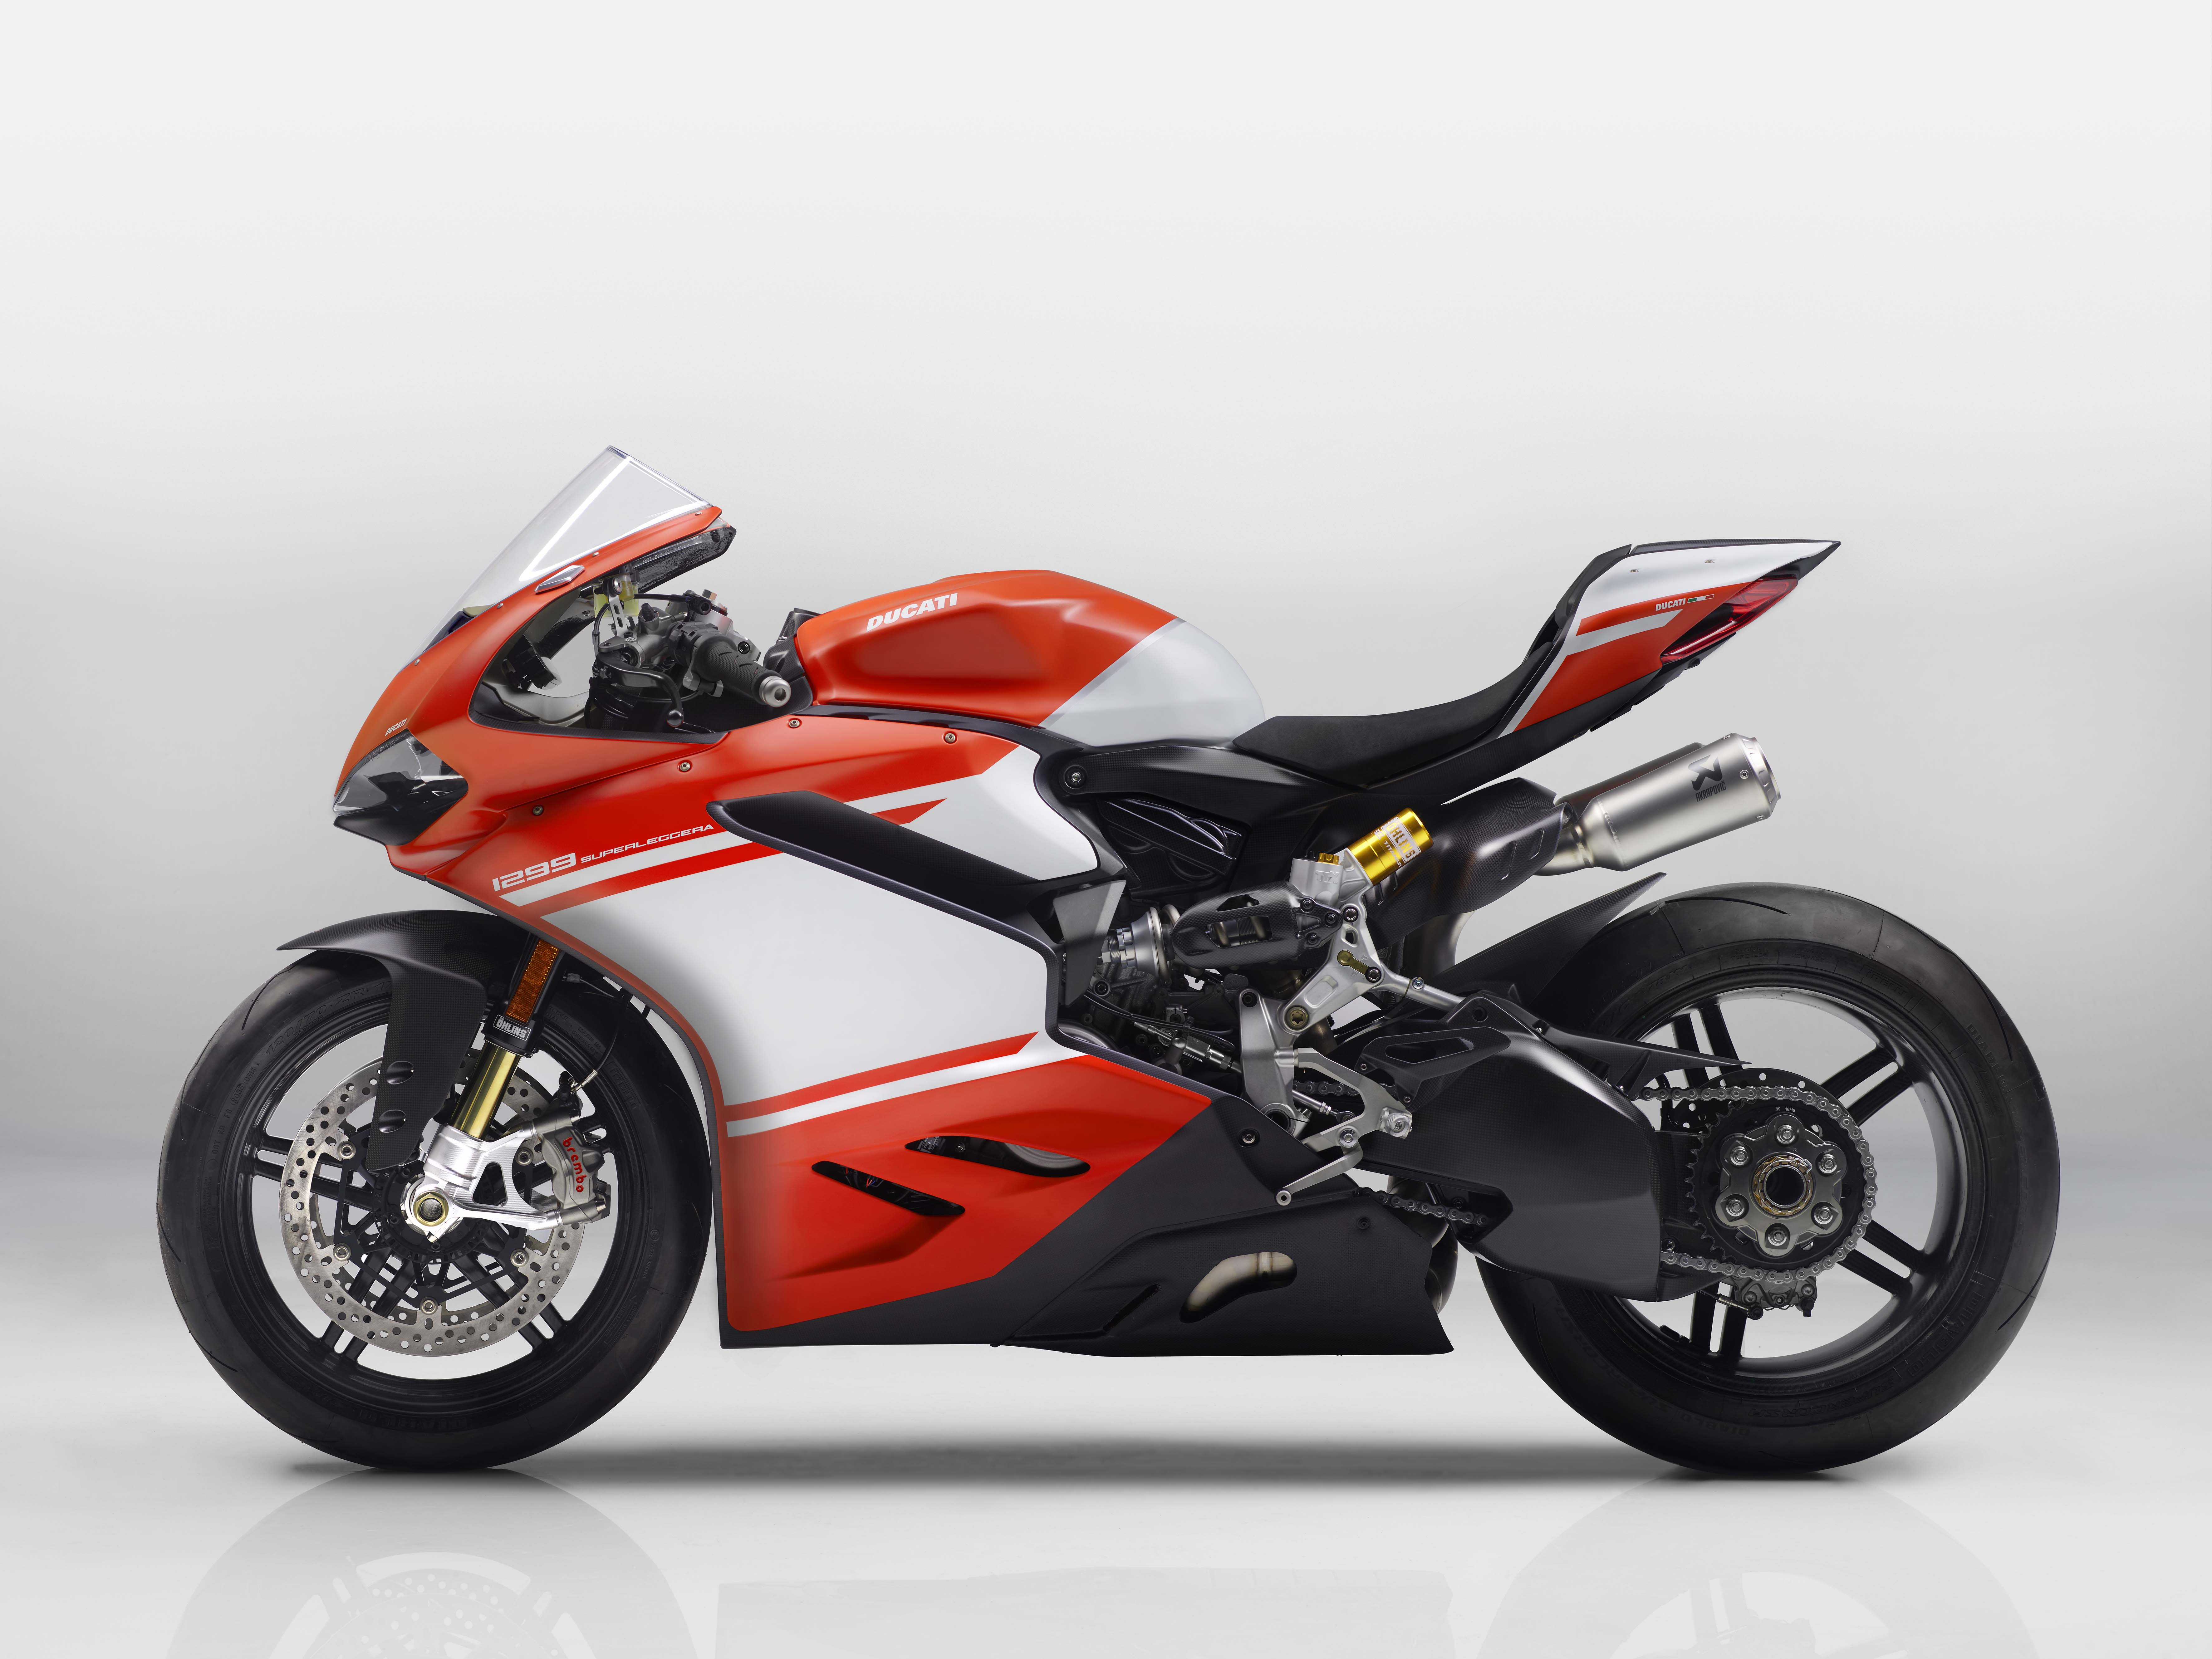 Ducati 1299 Superleggera - A 215hp Carbon Fiber Superbike